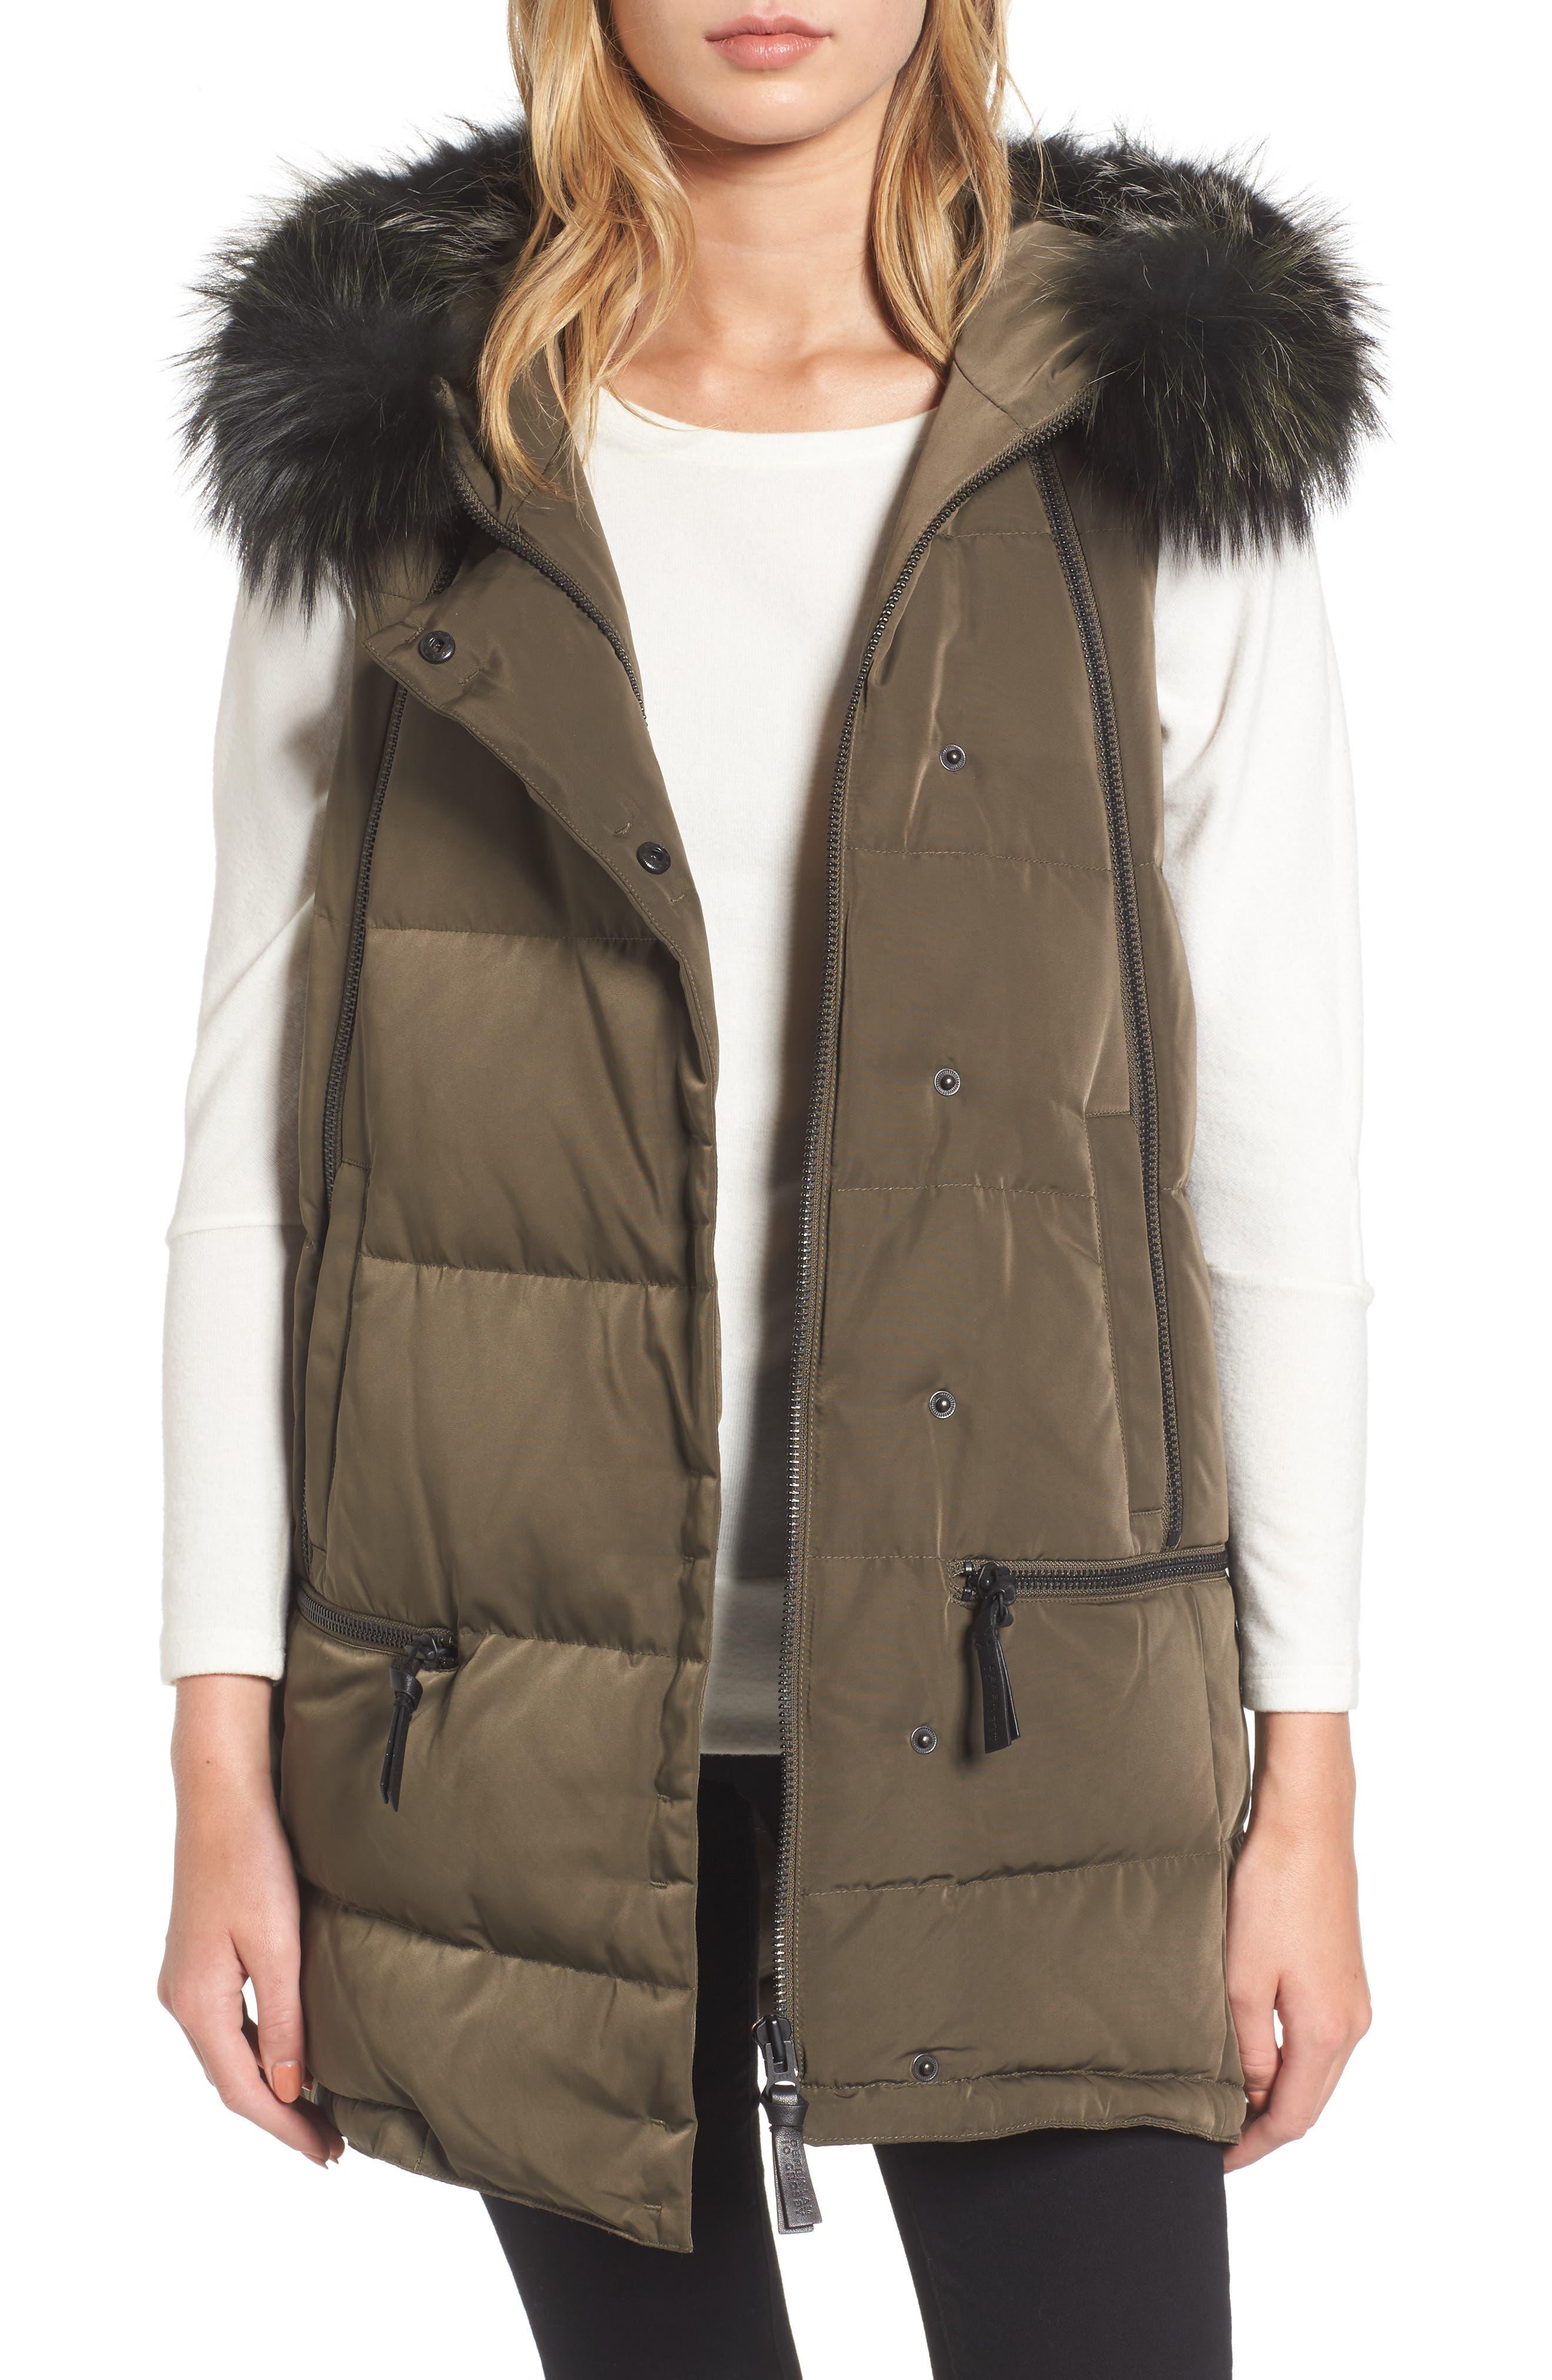 Alternate Image 1 Selected - Derek Lam 10 Crosby Vest with Genuine Fox Fur